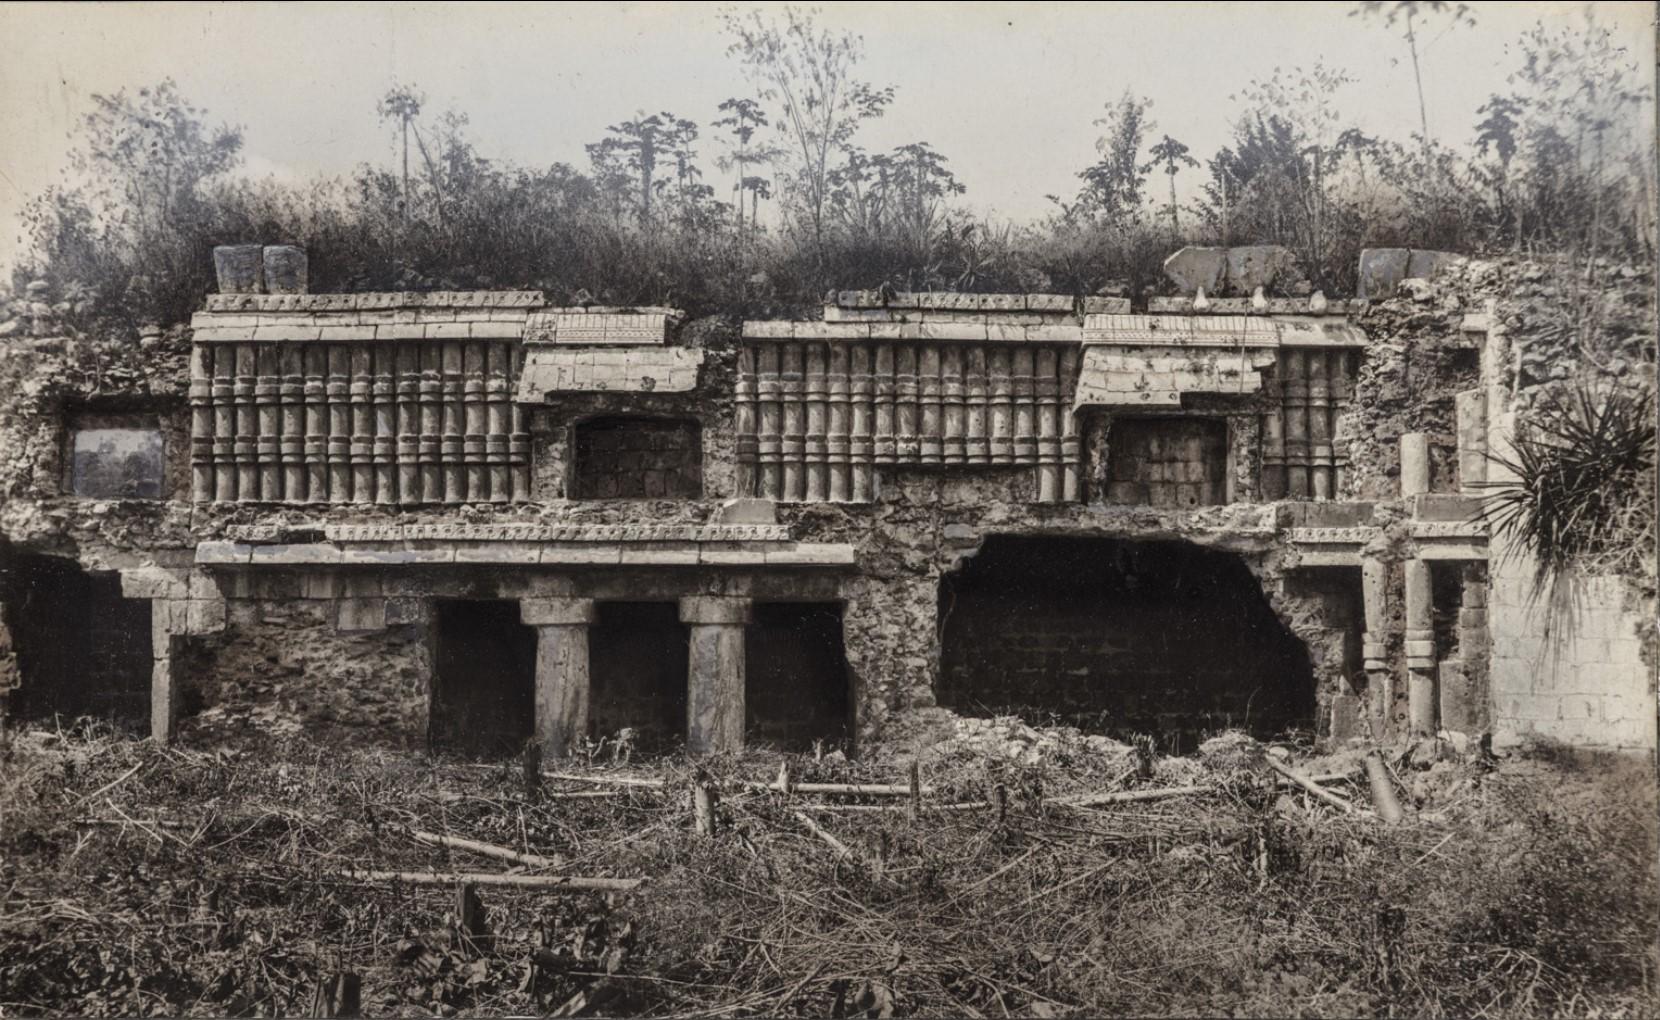 18. Южный фасад храмового дворца в районе Шет-Пооль руин Чакмультуна